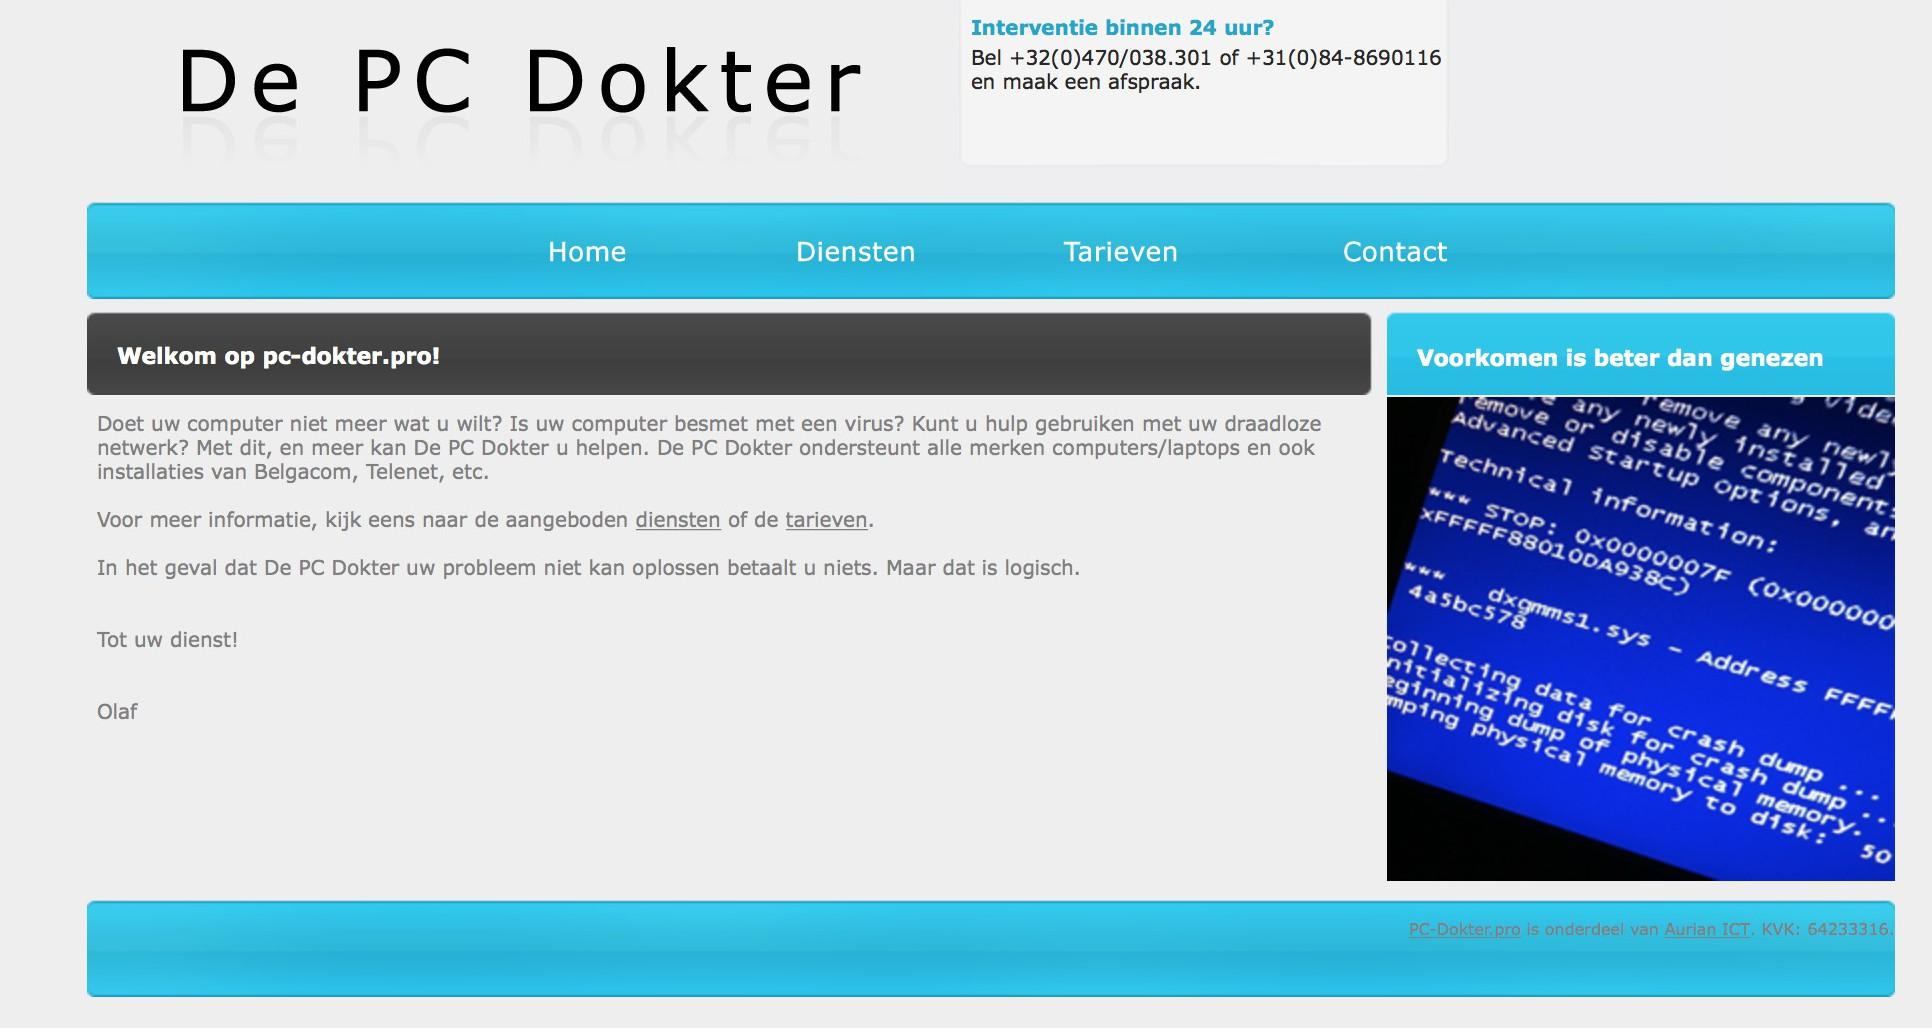 De PC Dokter